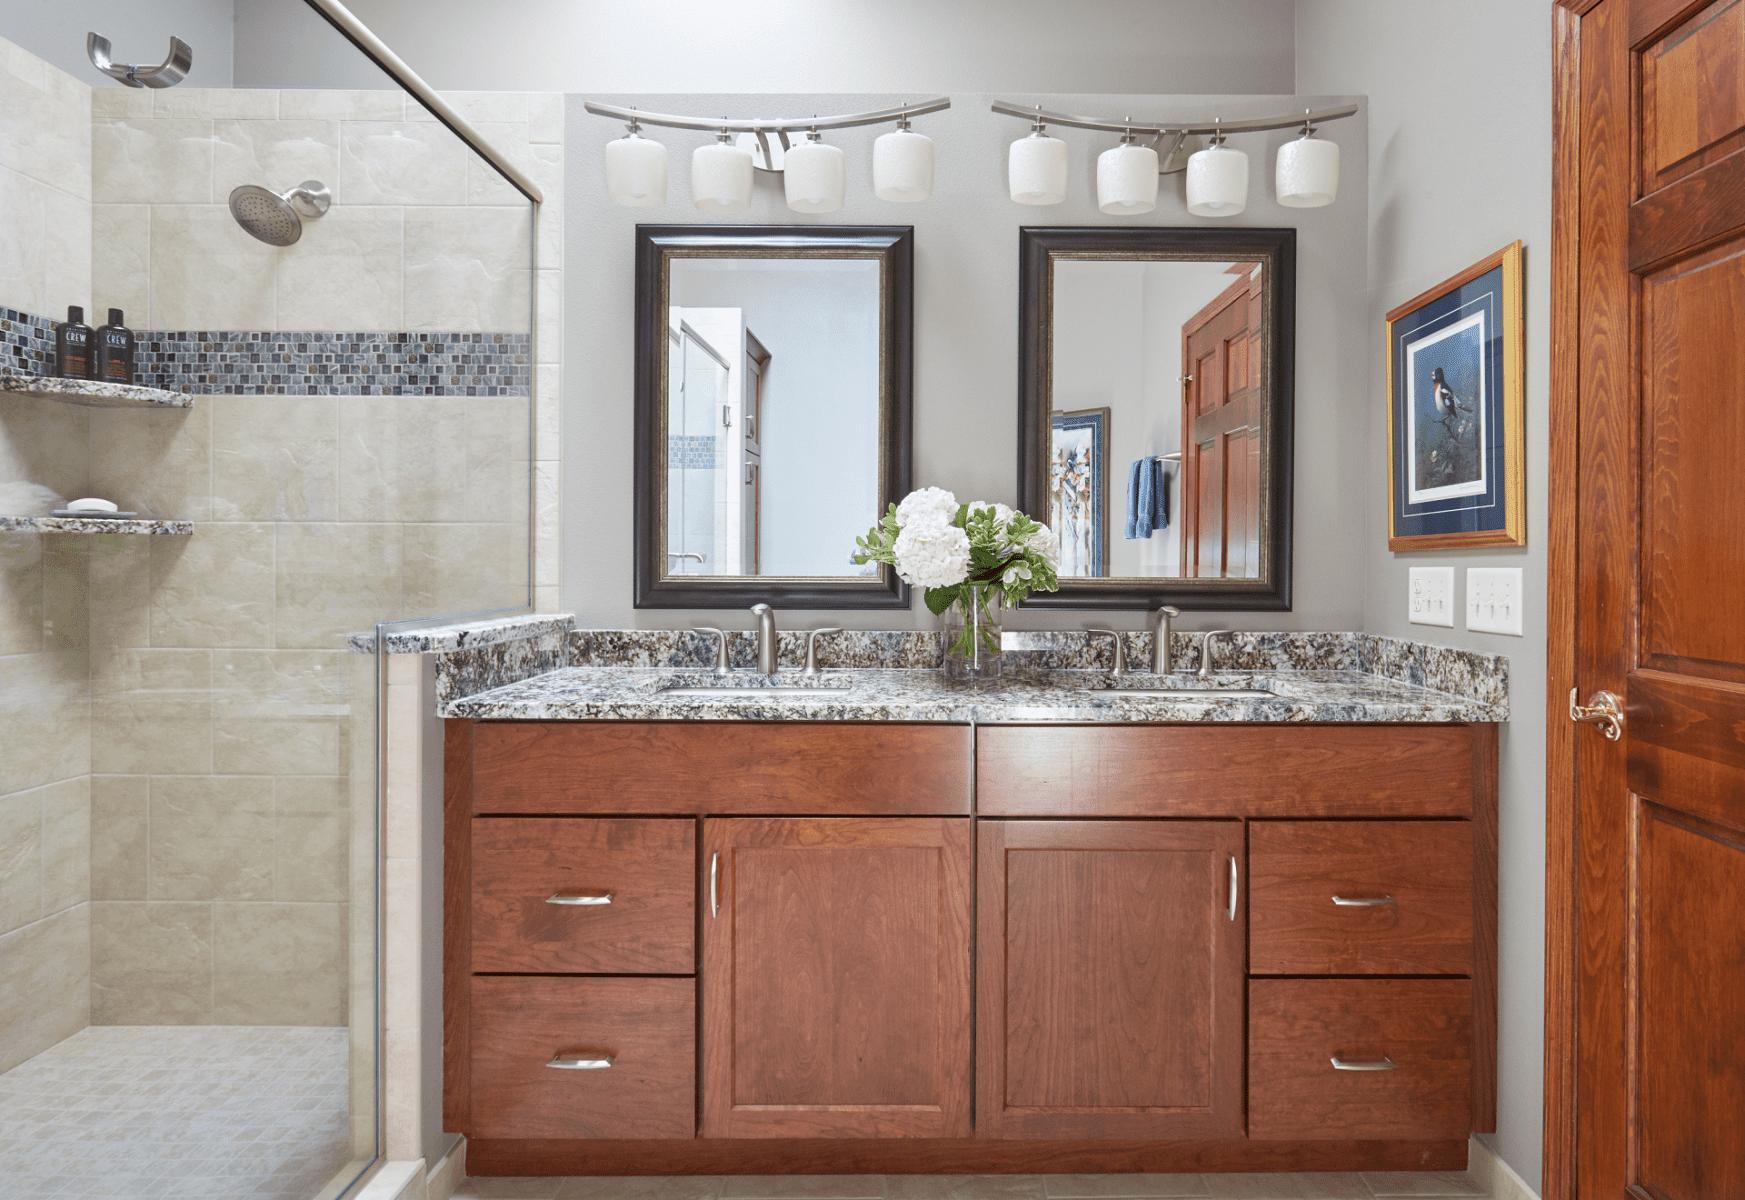 Saukville-Updated-Master-Bathroom-after-2